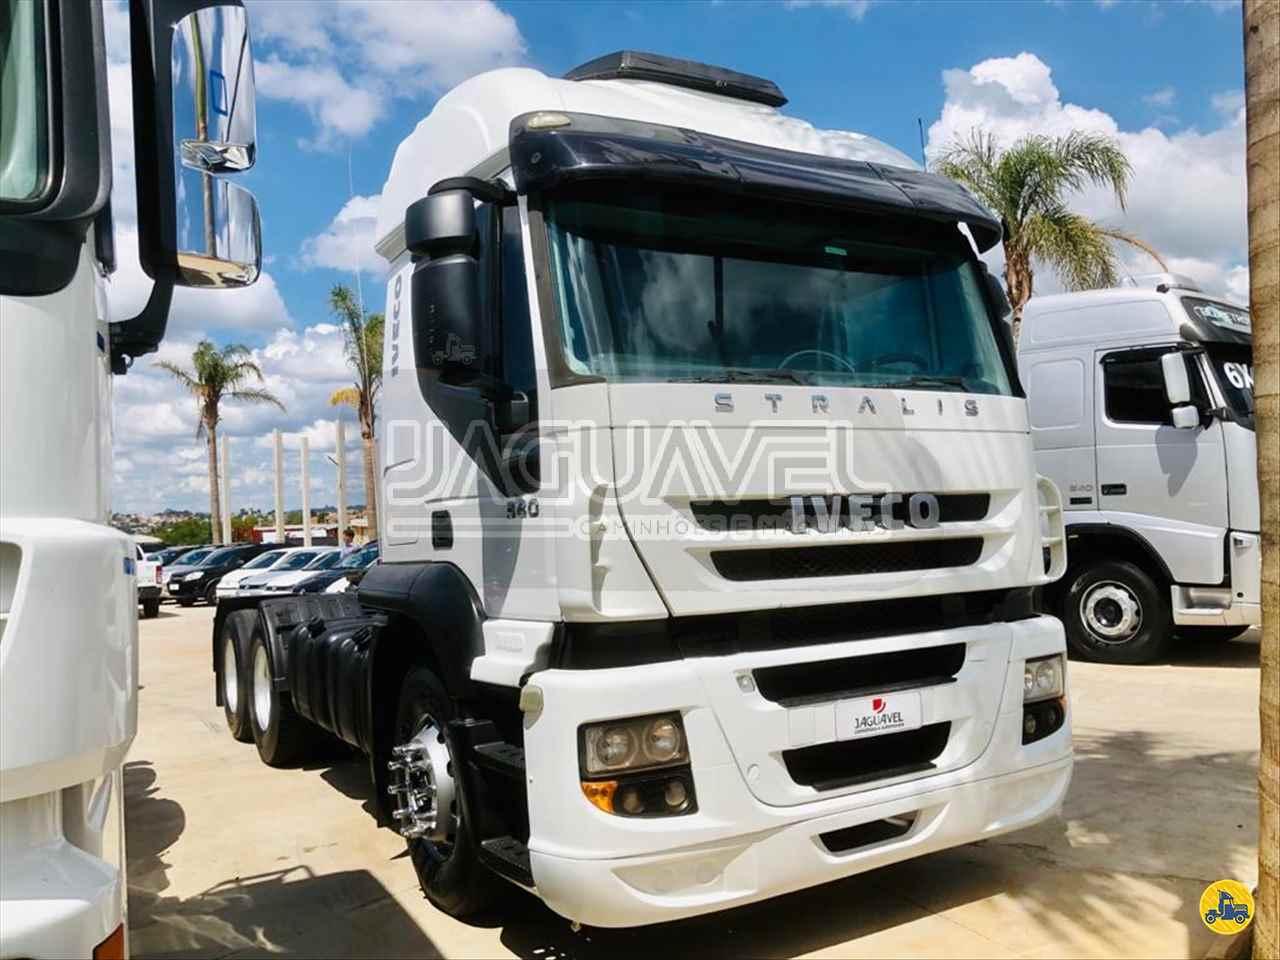 CAMINHAO IVECO STRALIS 380 Cavalo Mecânico 3/4 6x2 Jaguavel Caminhões JAGUARIAIVA PARANÁ PR